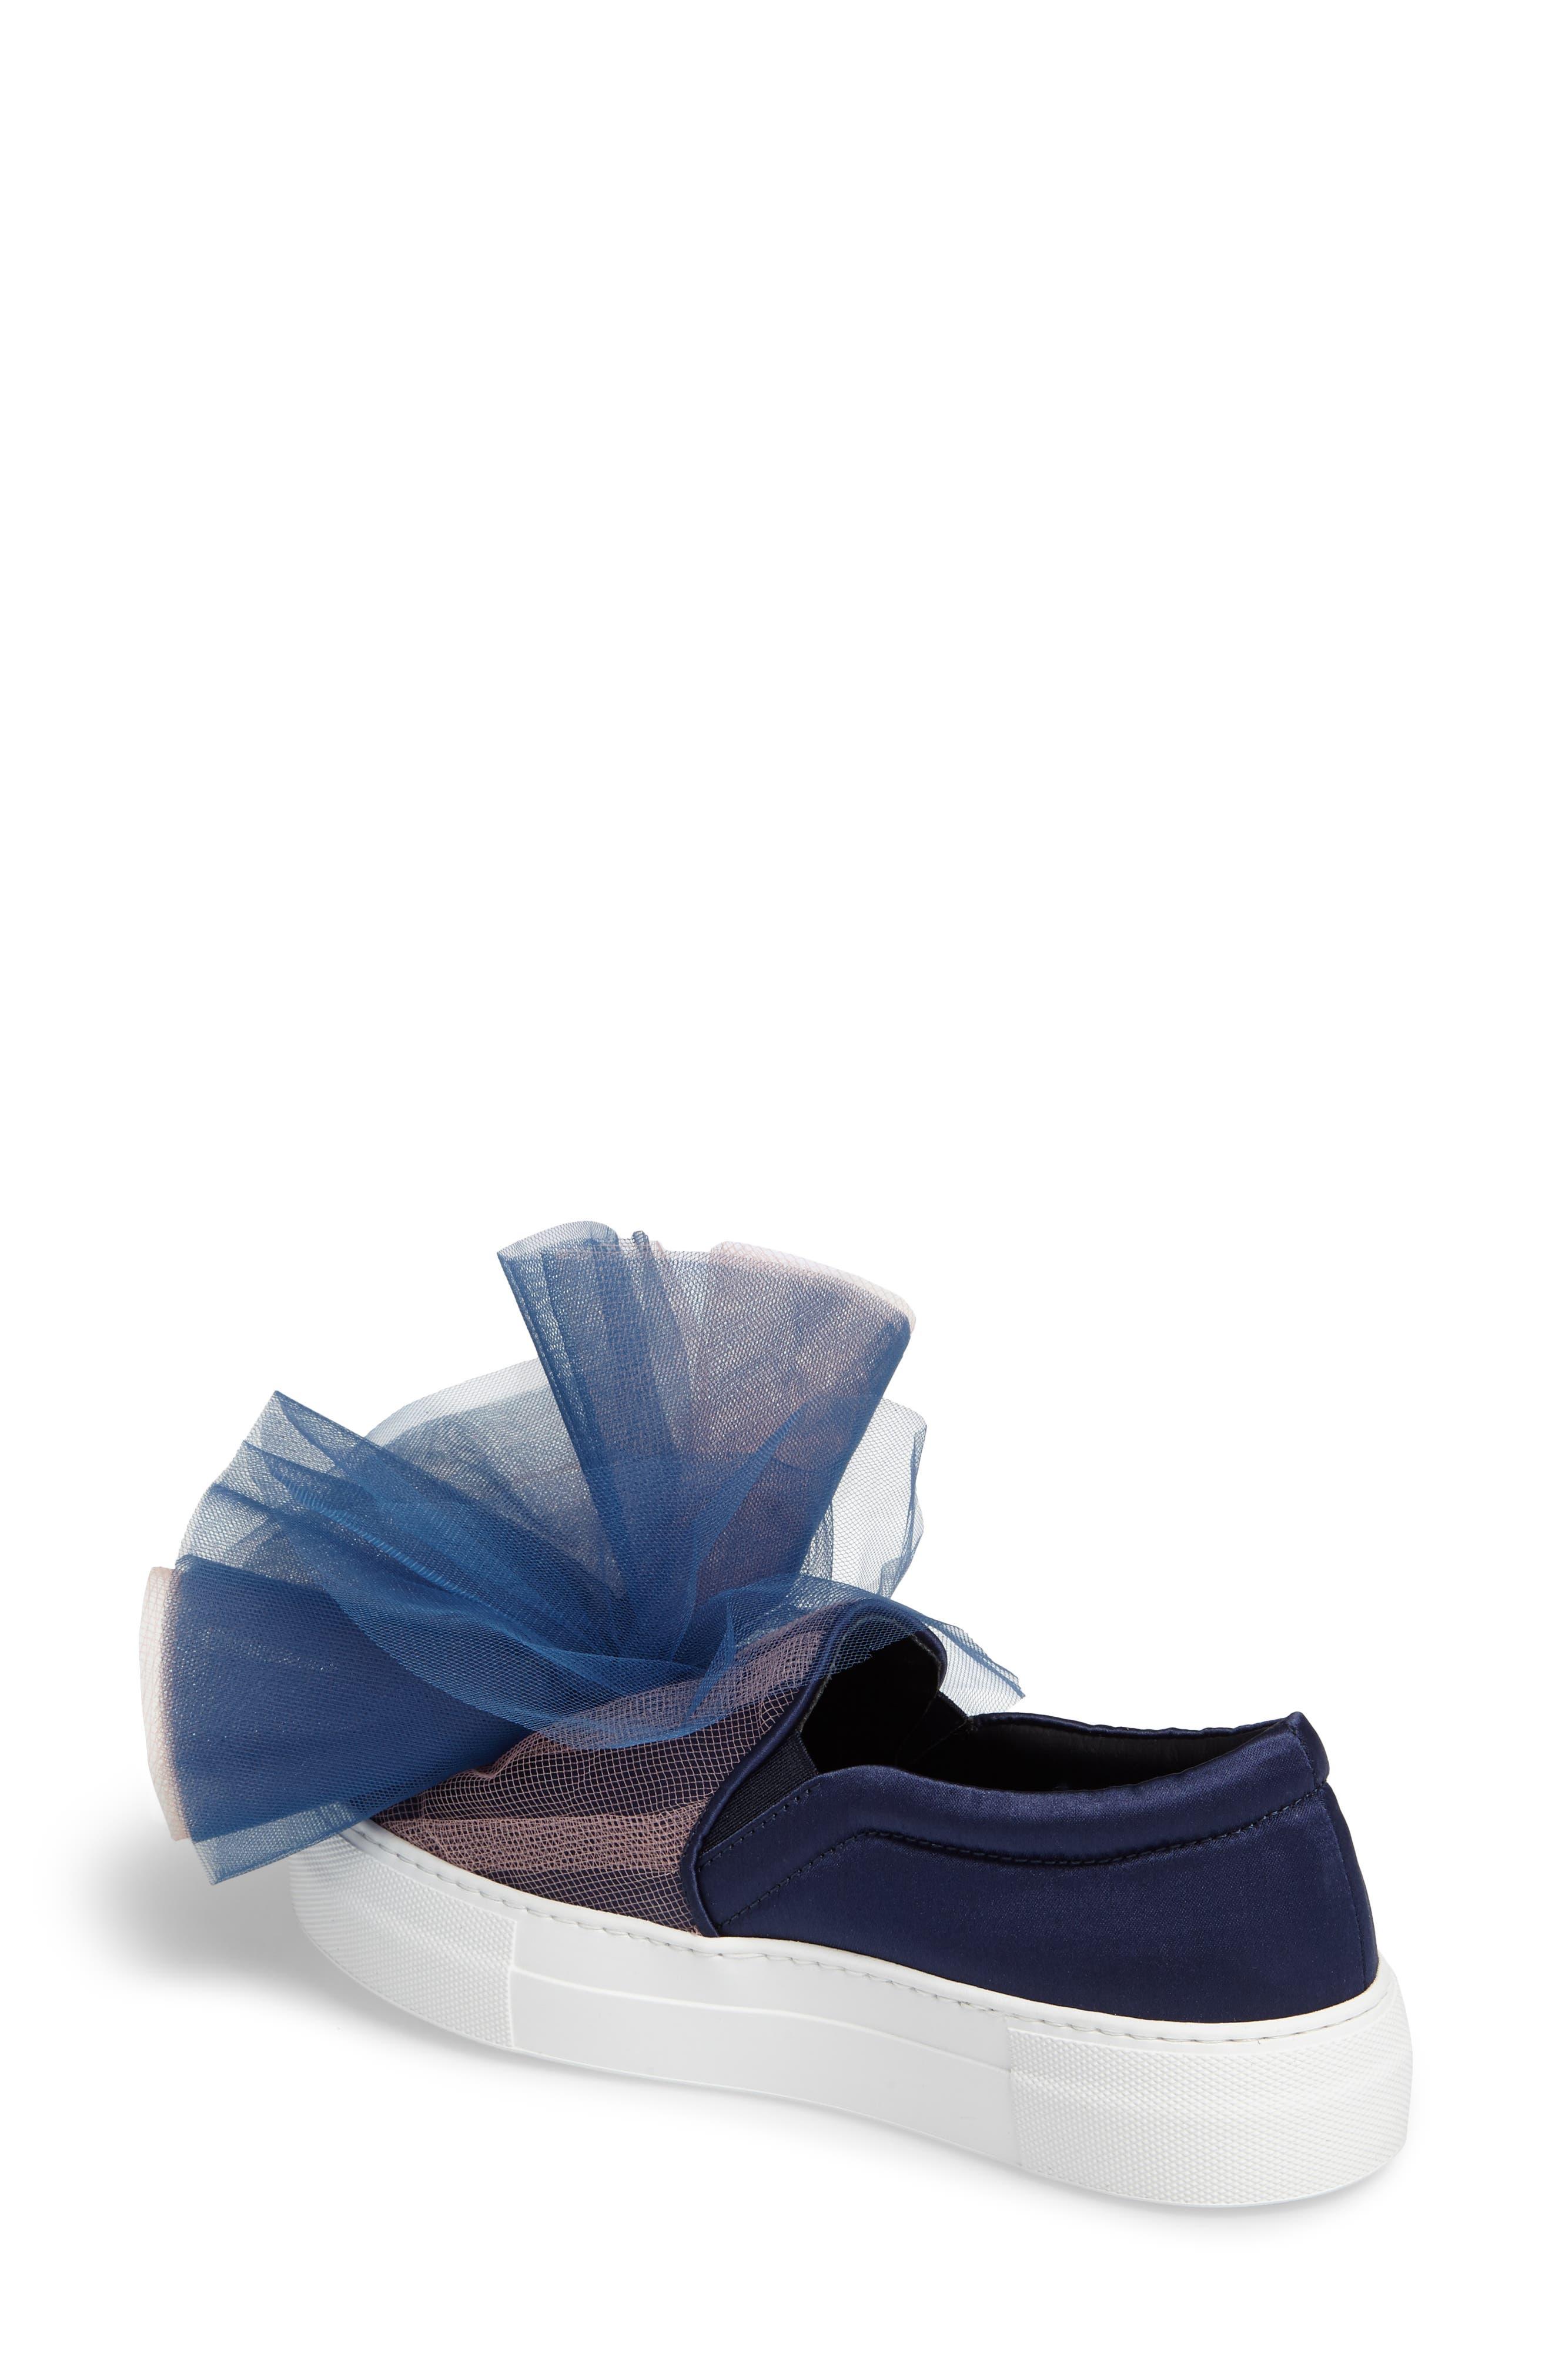 Tulle Slip-On Sneaker,                             Alternate thumbnail 2, color,                             Navy Pink Combo